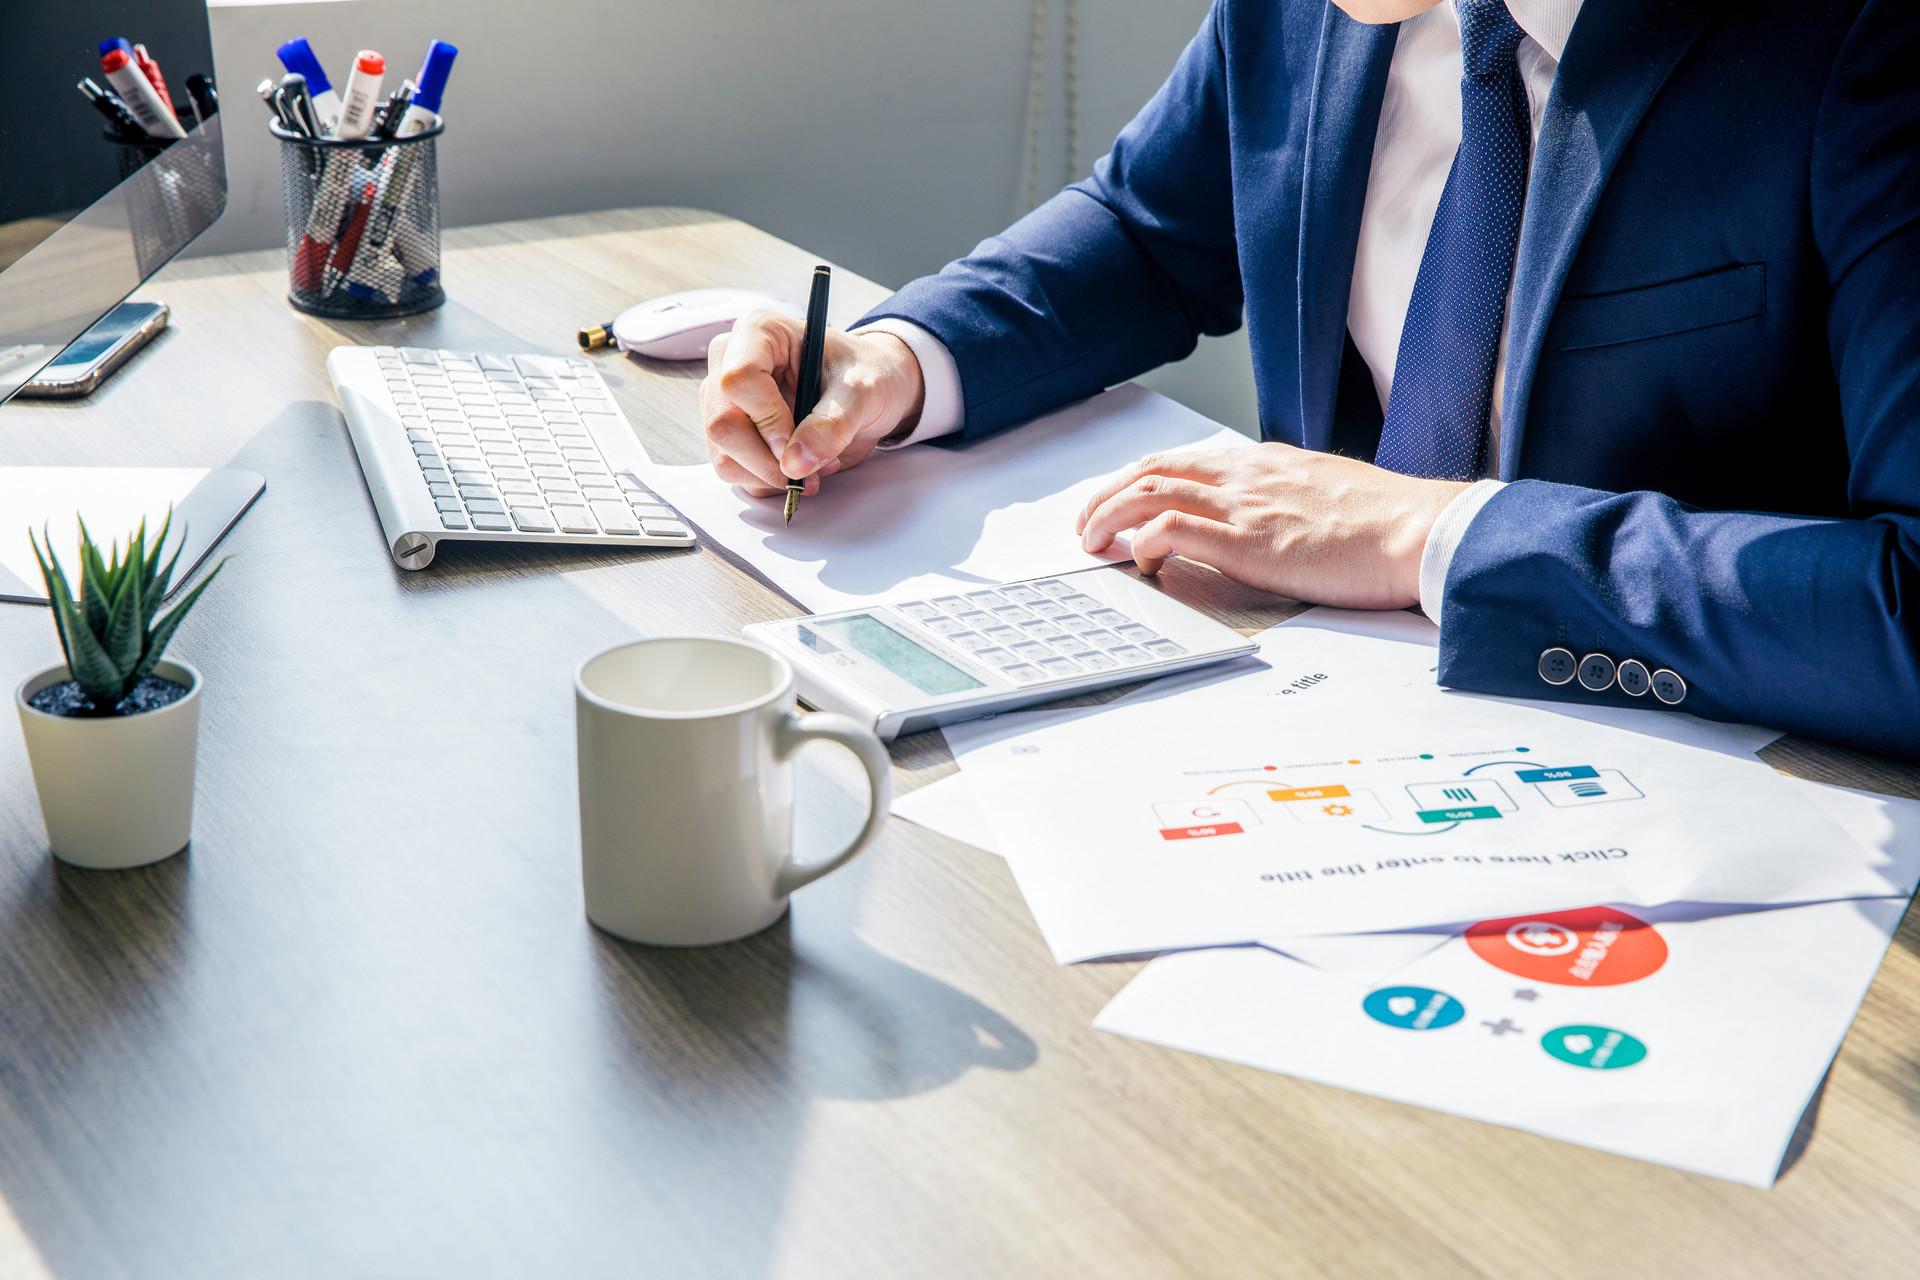 企业HR如何管理布局招聘渠道?